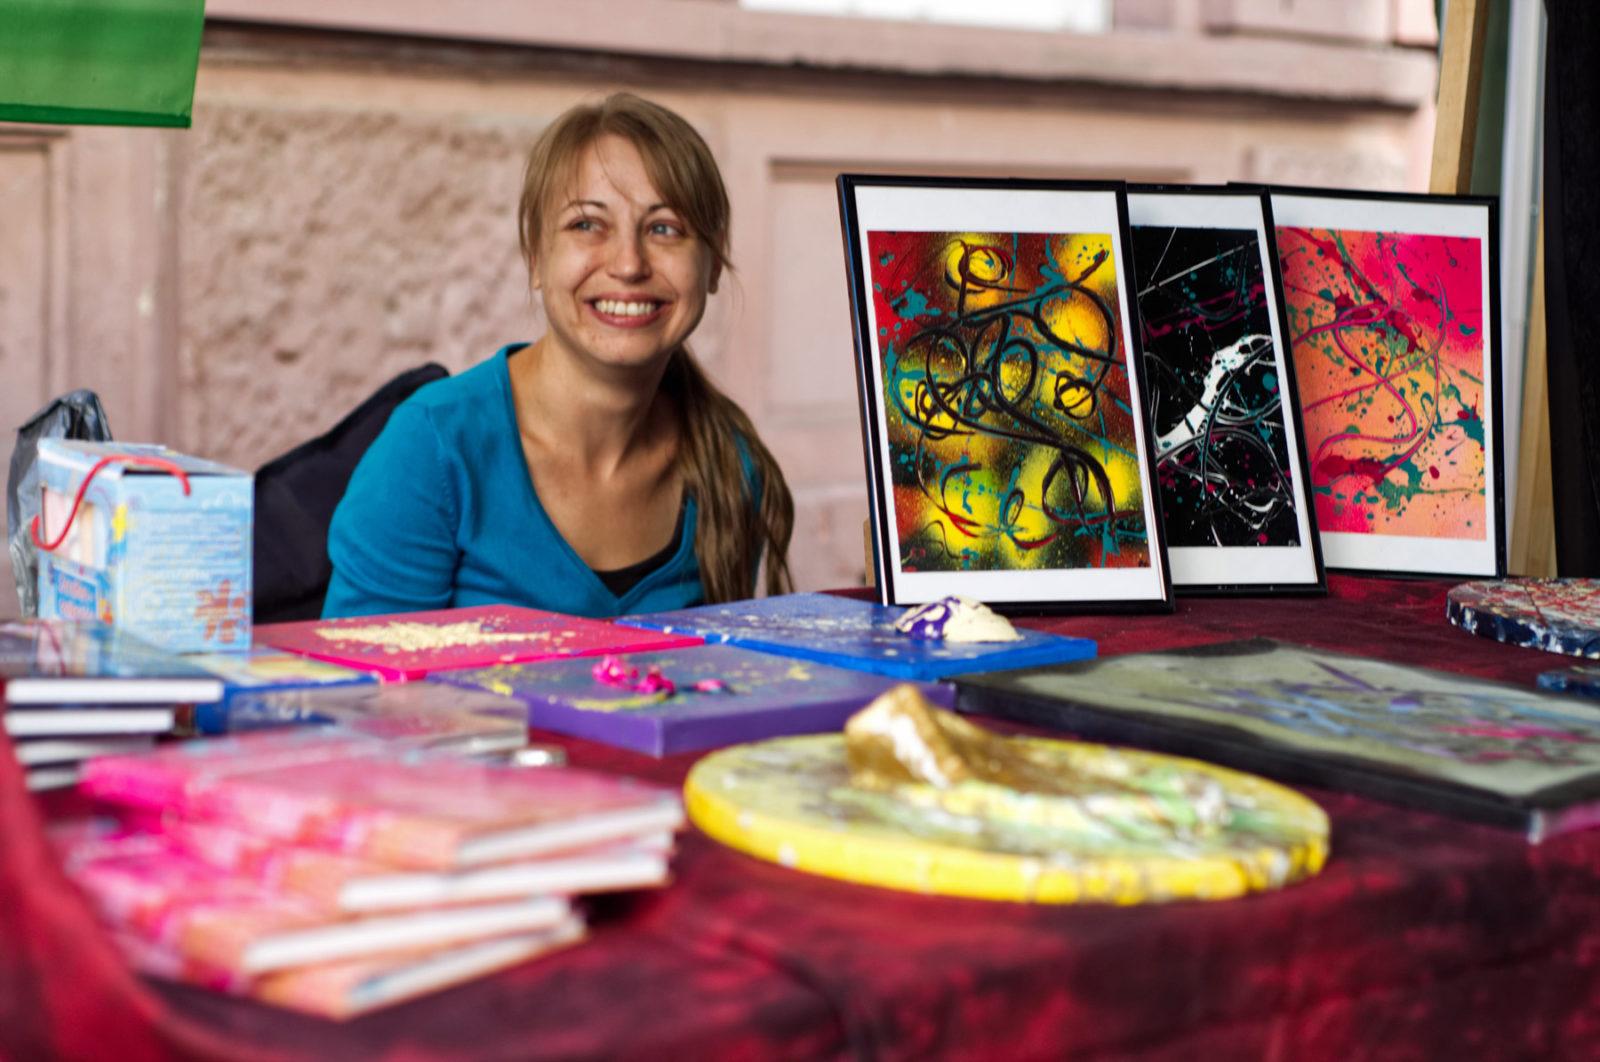 Frau Fenster hinter ihrem Präsentationsstand. Sie lächelt, schaut eine Person außerhalb des Bilds an. vor ihr auf dem Tisch Bilder in Rahmen und auf Leinwand, teils plastisch ausgearbeitet